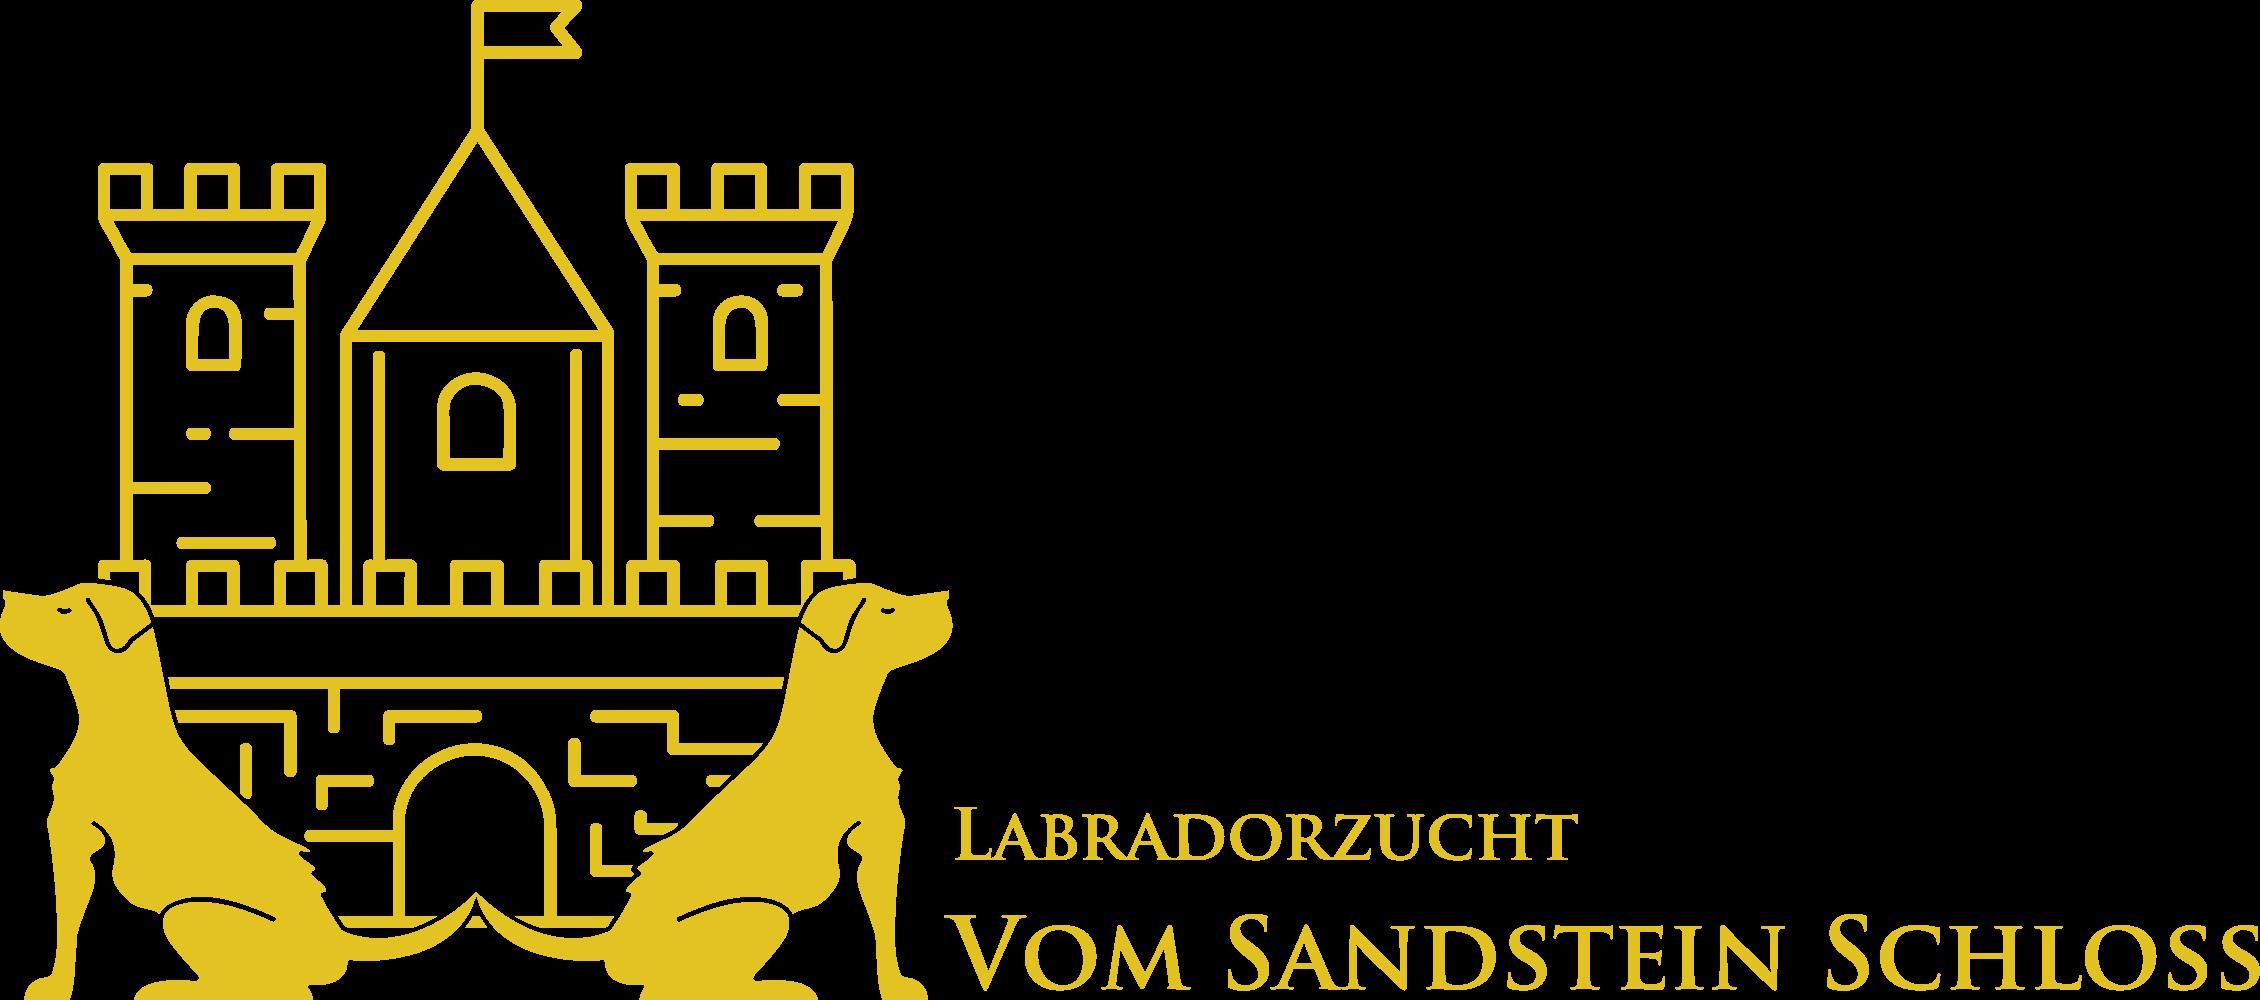 Labradorzucht vom Sandstein Schloss